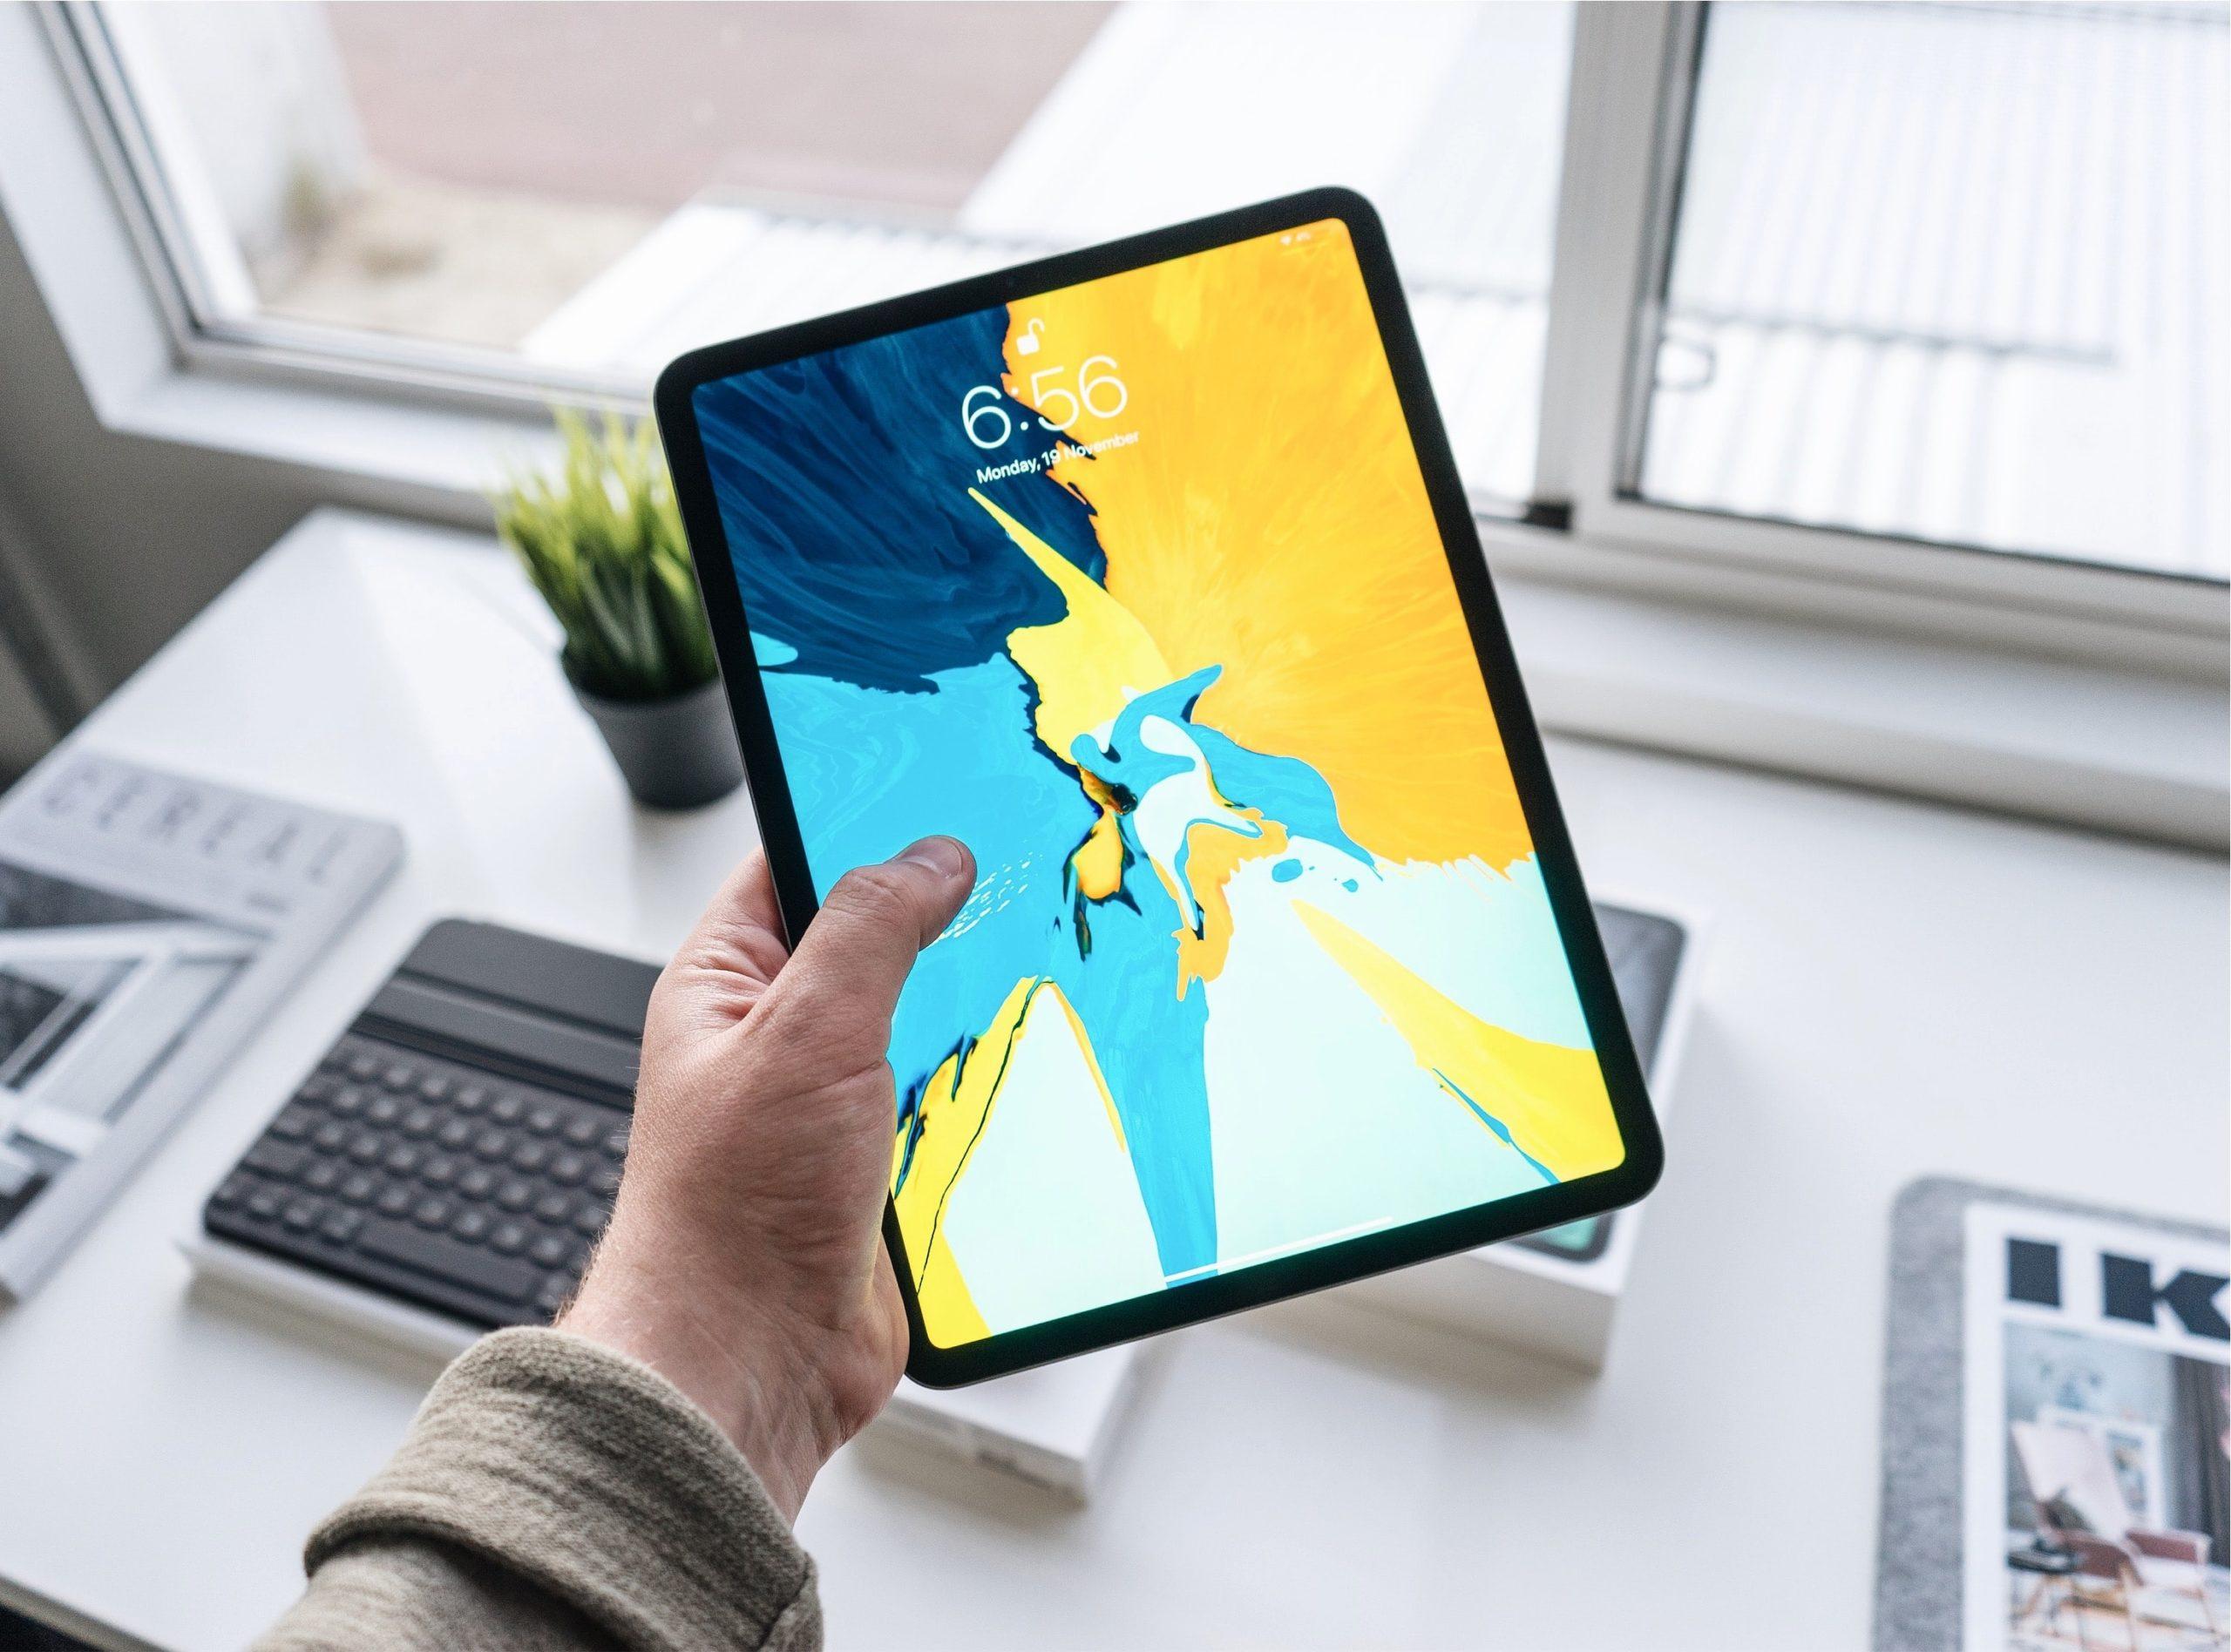 Le marché de l'iPad et du Chromebook en pleine forme fin 2020